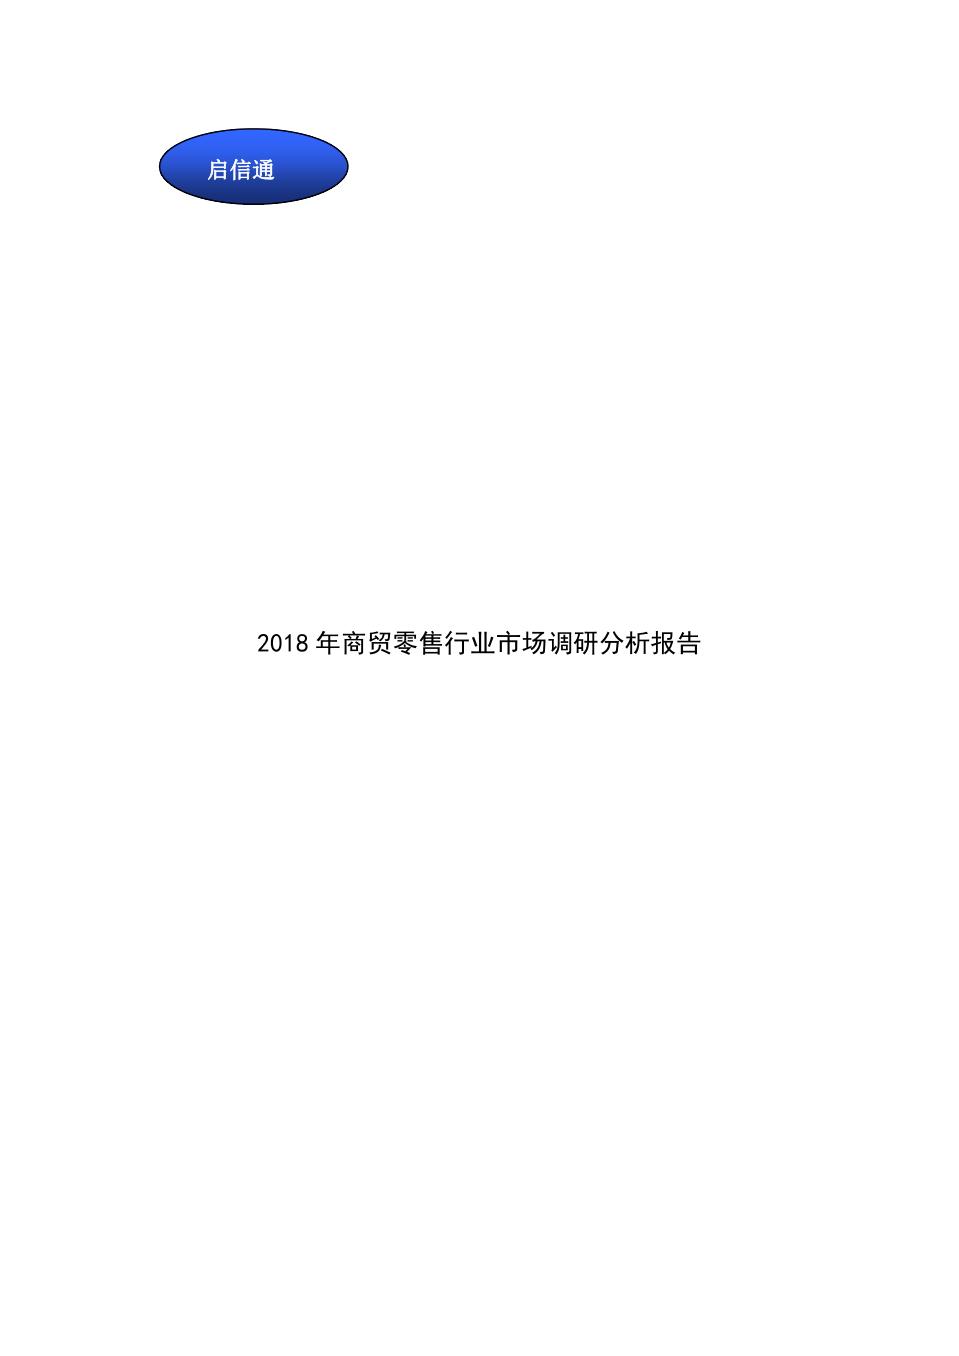 2018年商贸零售行业市场调研分析报告